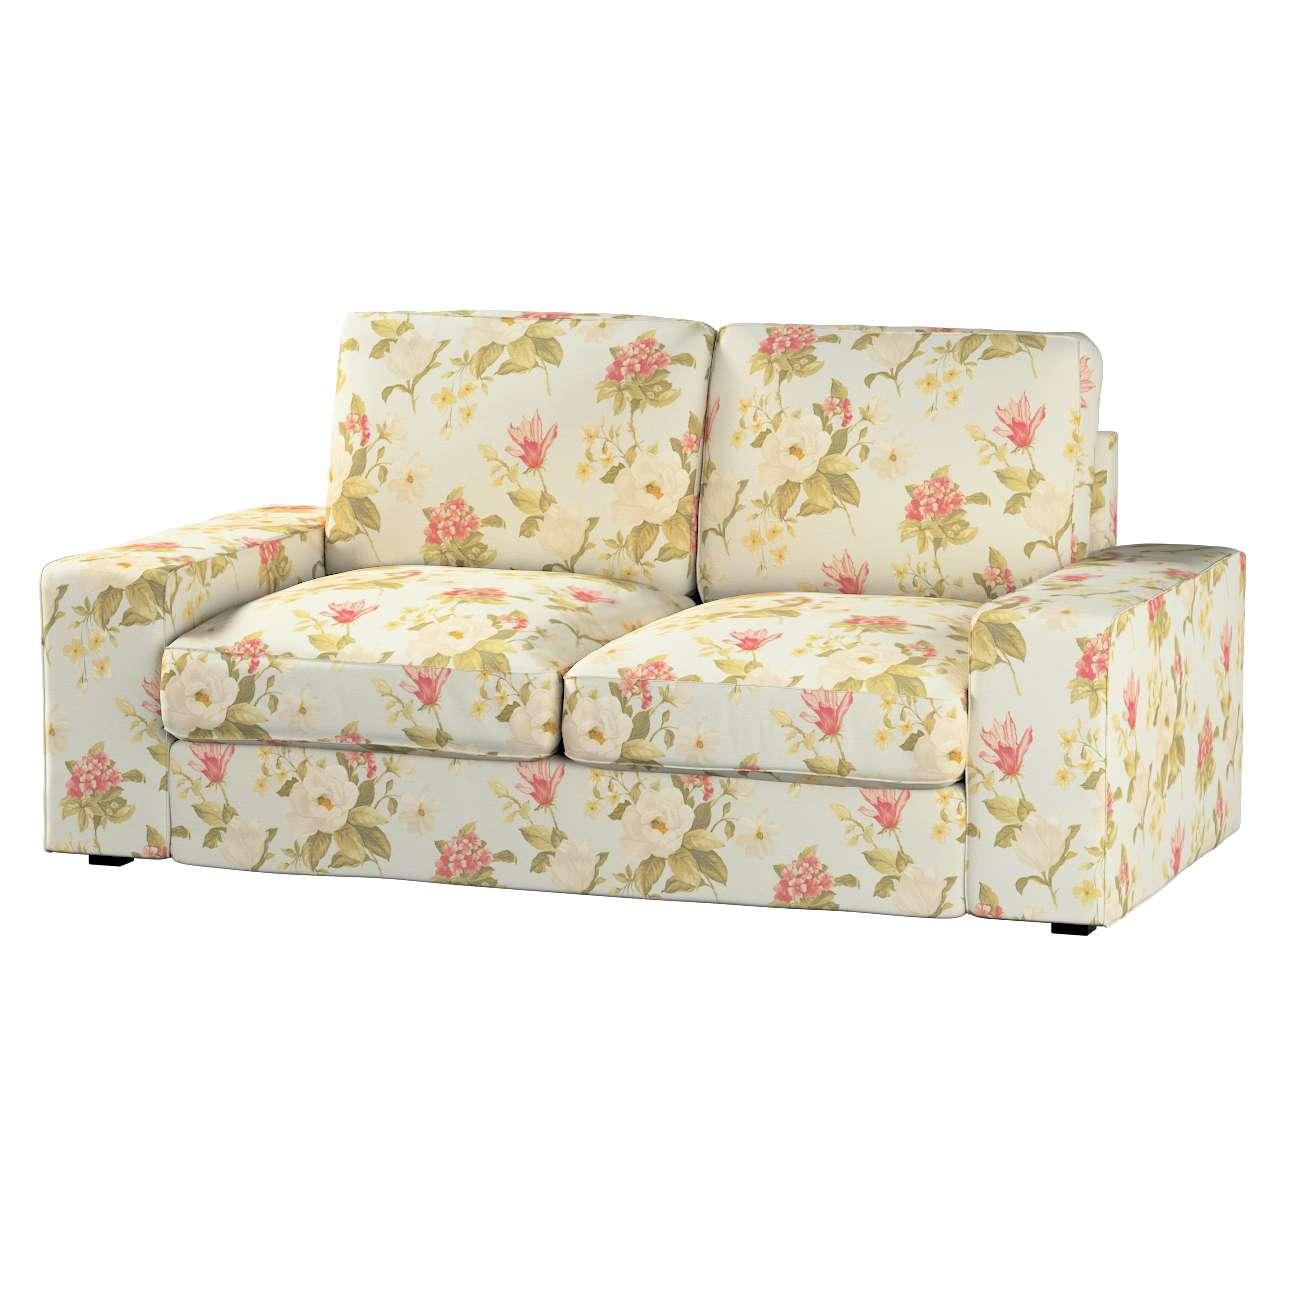 KIVIK dvivietės sofos užvalkalas Kivik 2-seat sofa kolekcijoje Londres, audinys: 123-65